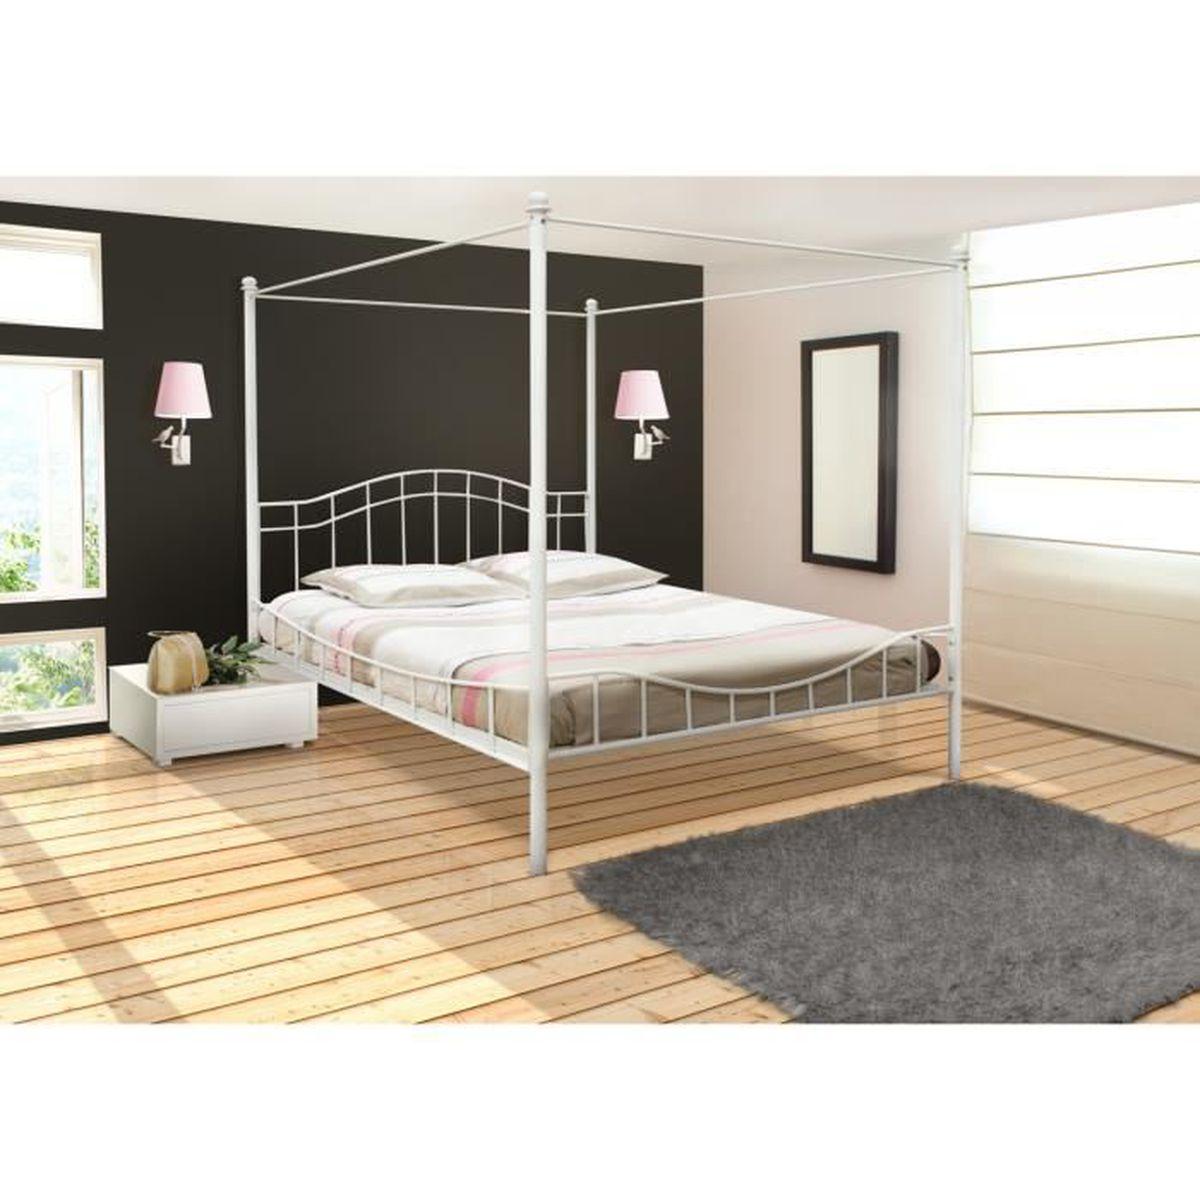 lit à baldaquin 2 personnes 160x200 cm blanc avec sommier - achat